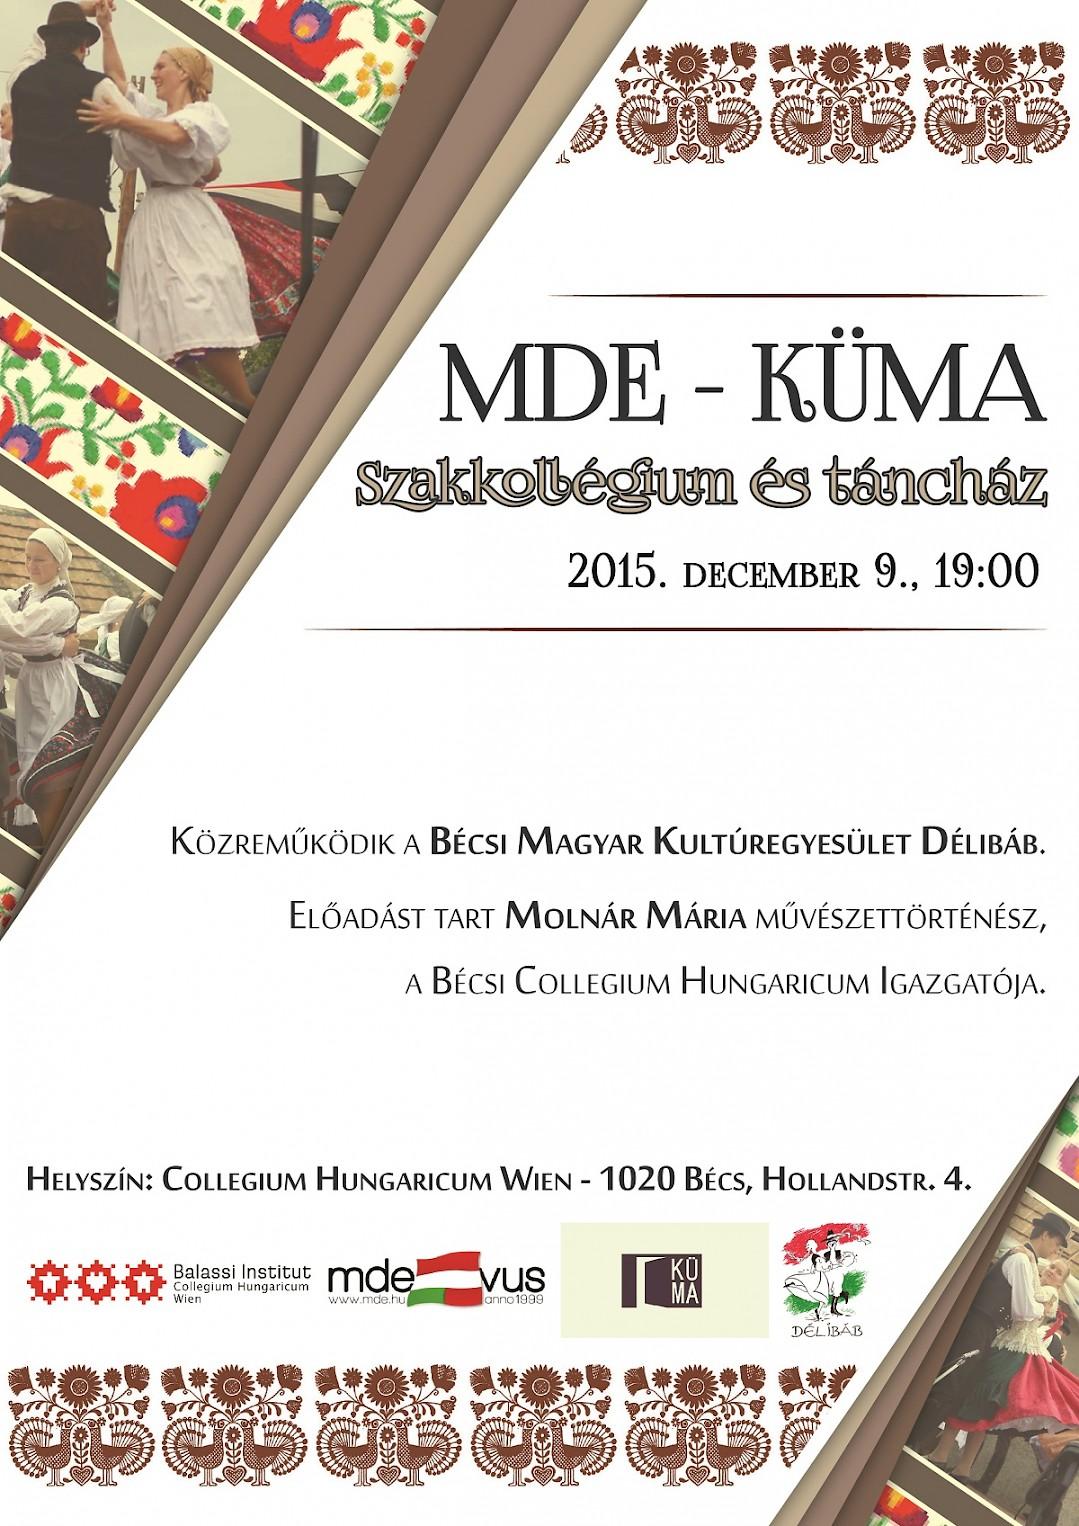 MDE-KÜMA Szakkolégium és táncház